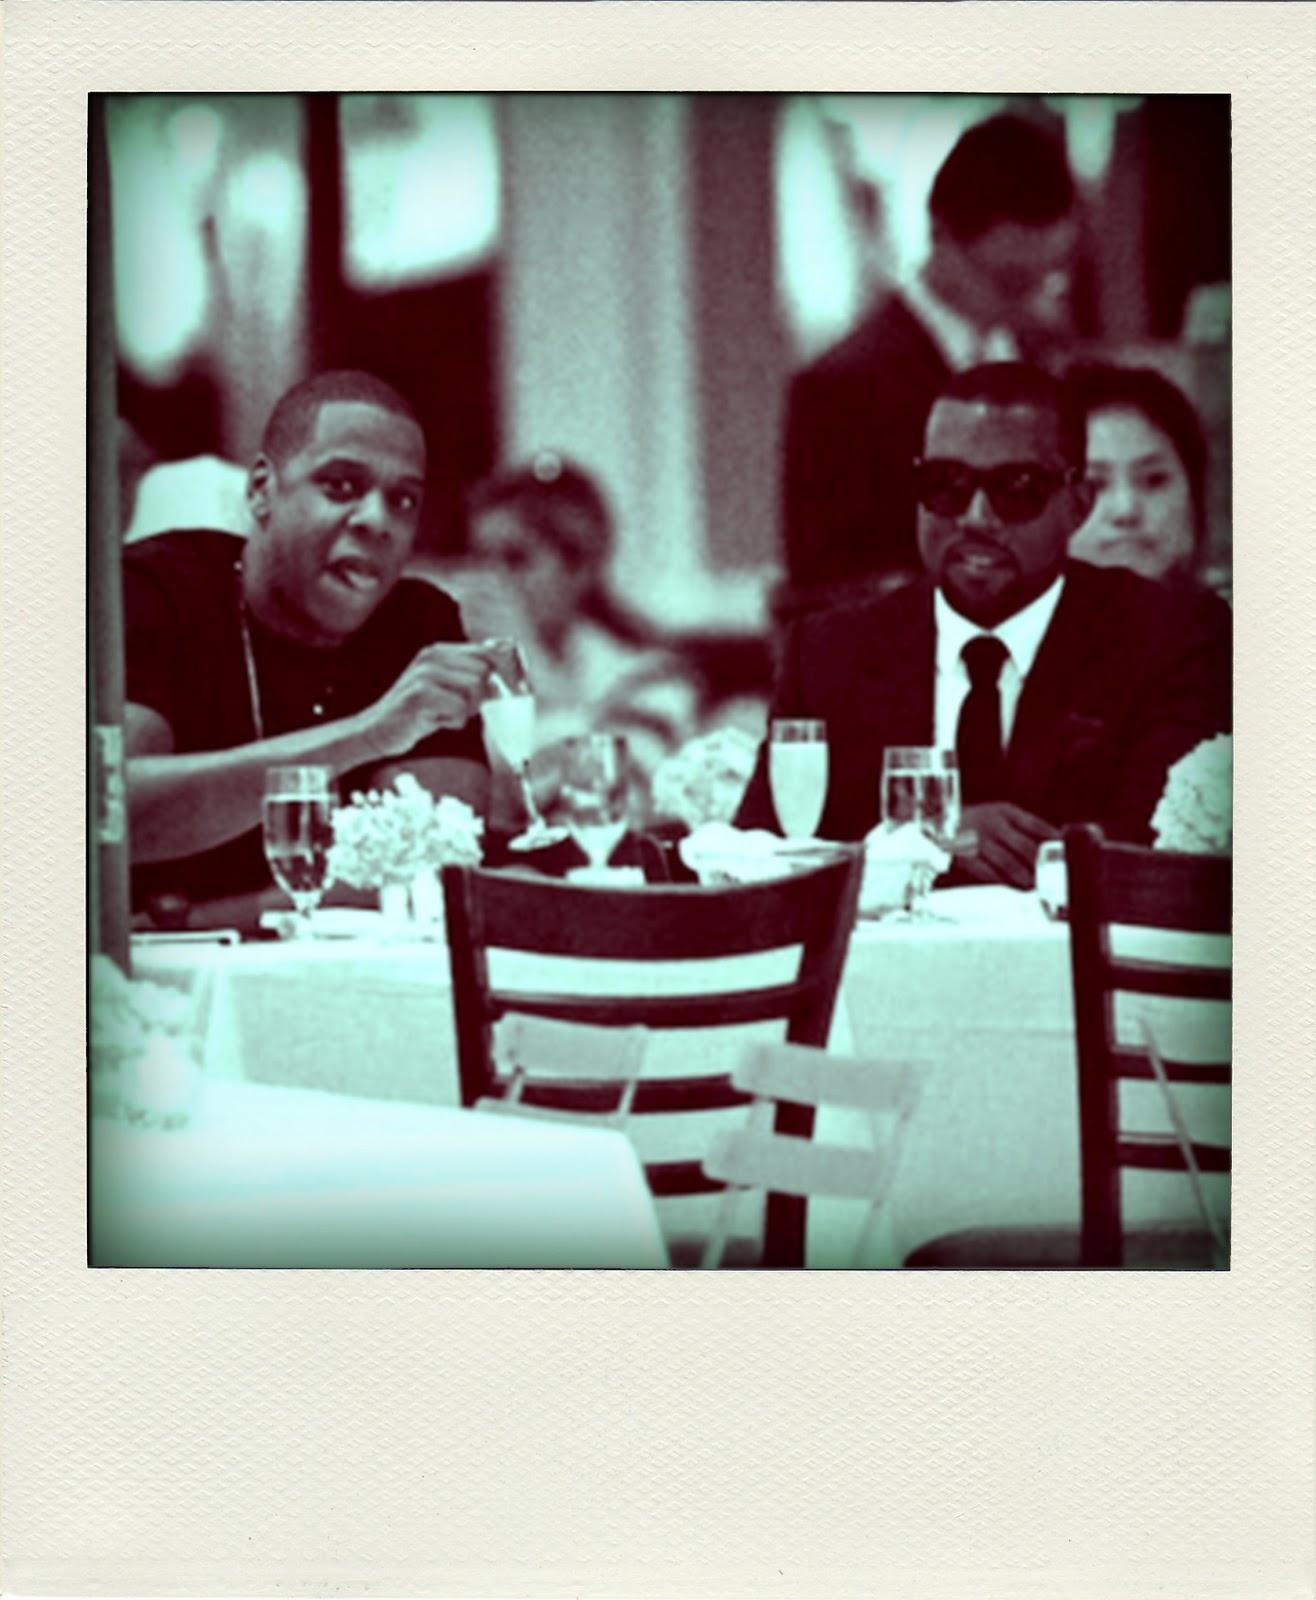 http://3.bp.blogspot.com/_d-C47fB_5BA/TUACaho0gkI/AAAAAAAAAls/9rmL166cnKI/s1600/Kanye+West+%2526+Jay-Z-pola.jpg